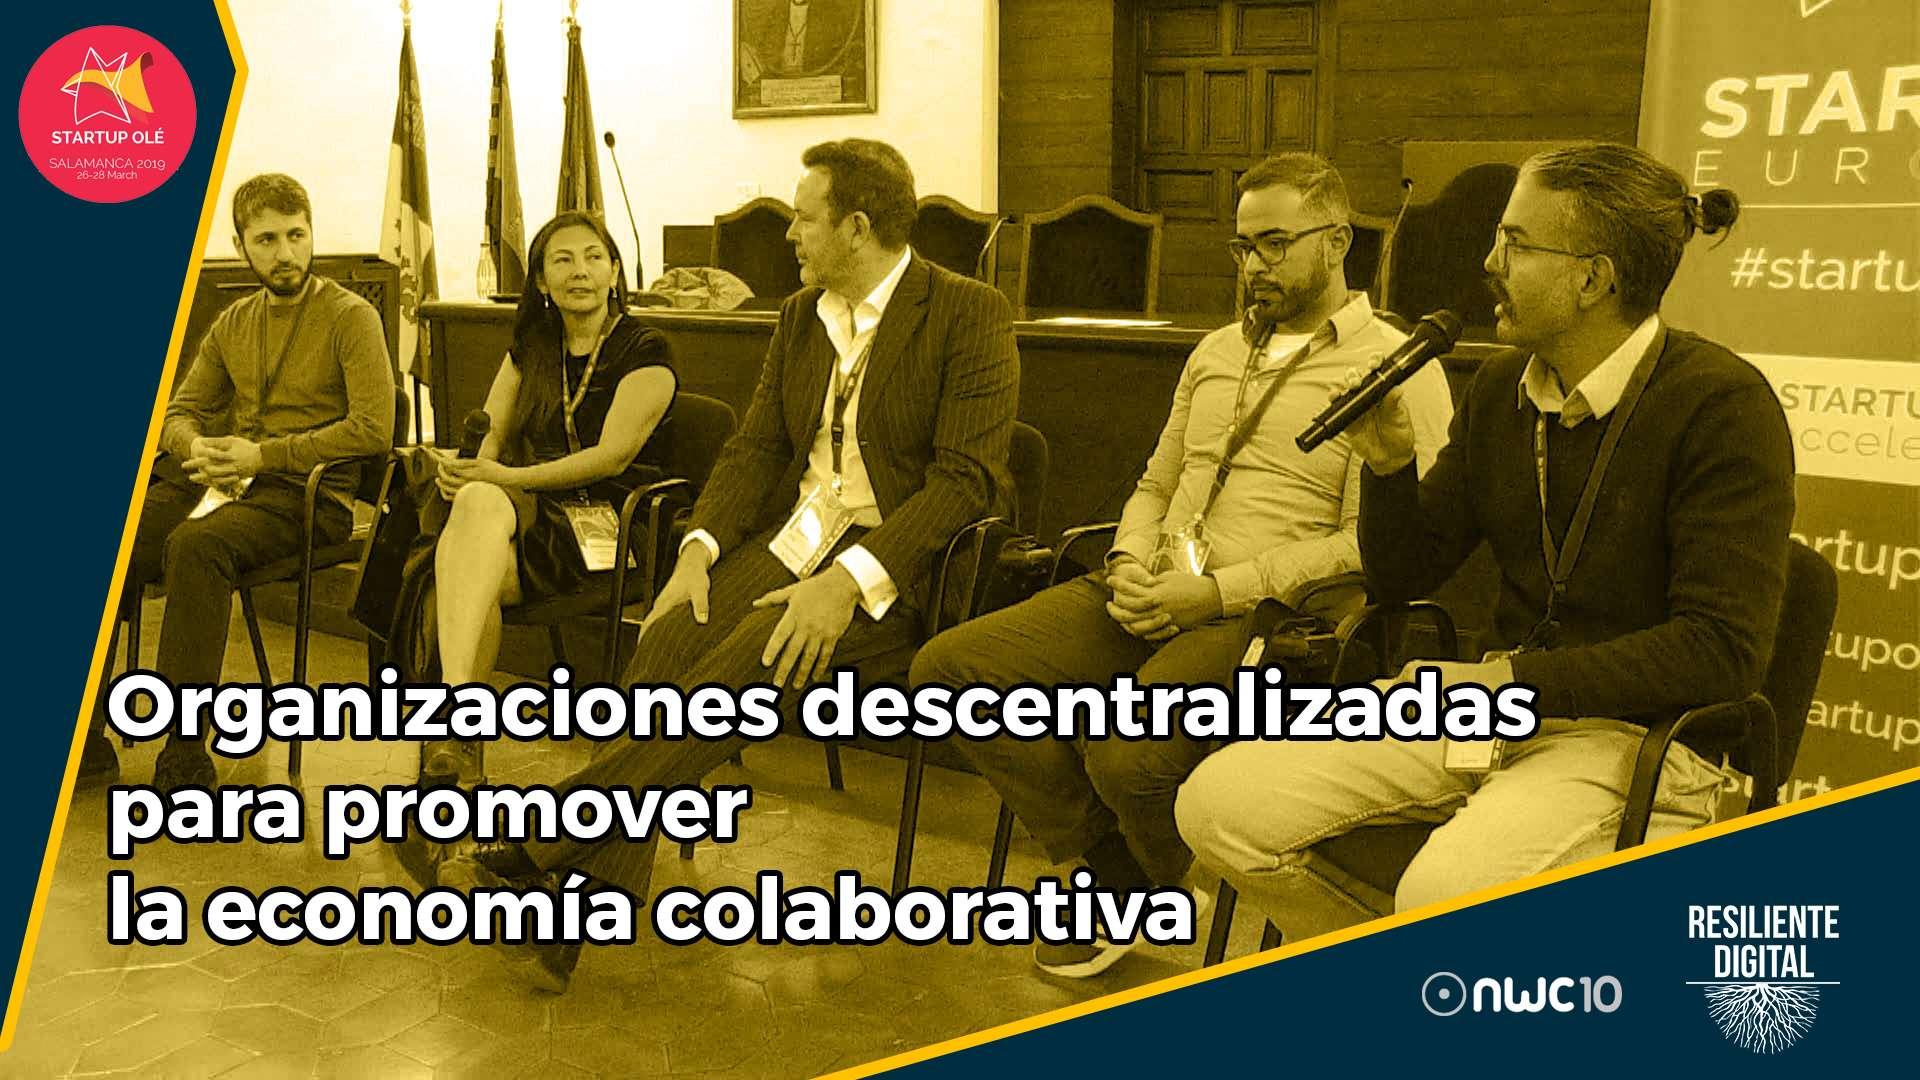 Organizaciones descentralizadas para promover la economía colaborativa y el desarrollo social